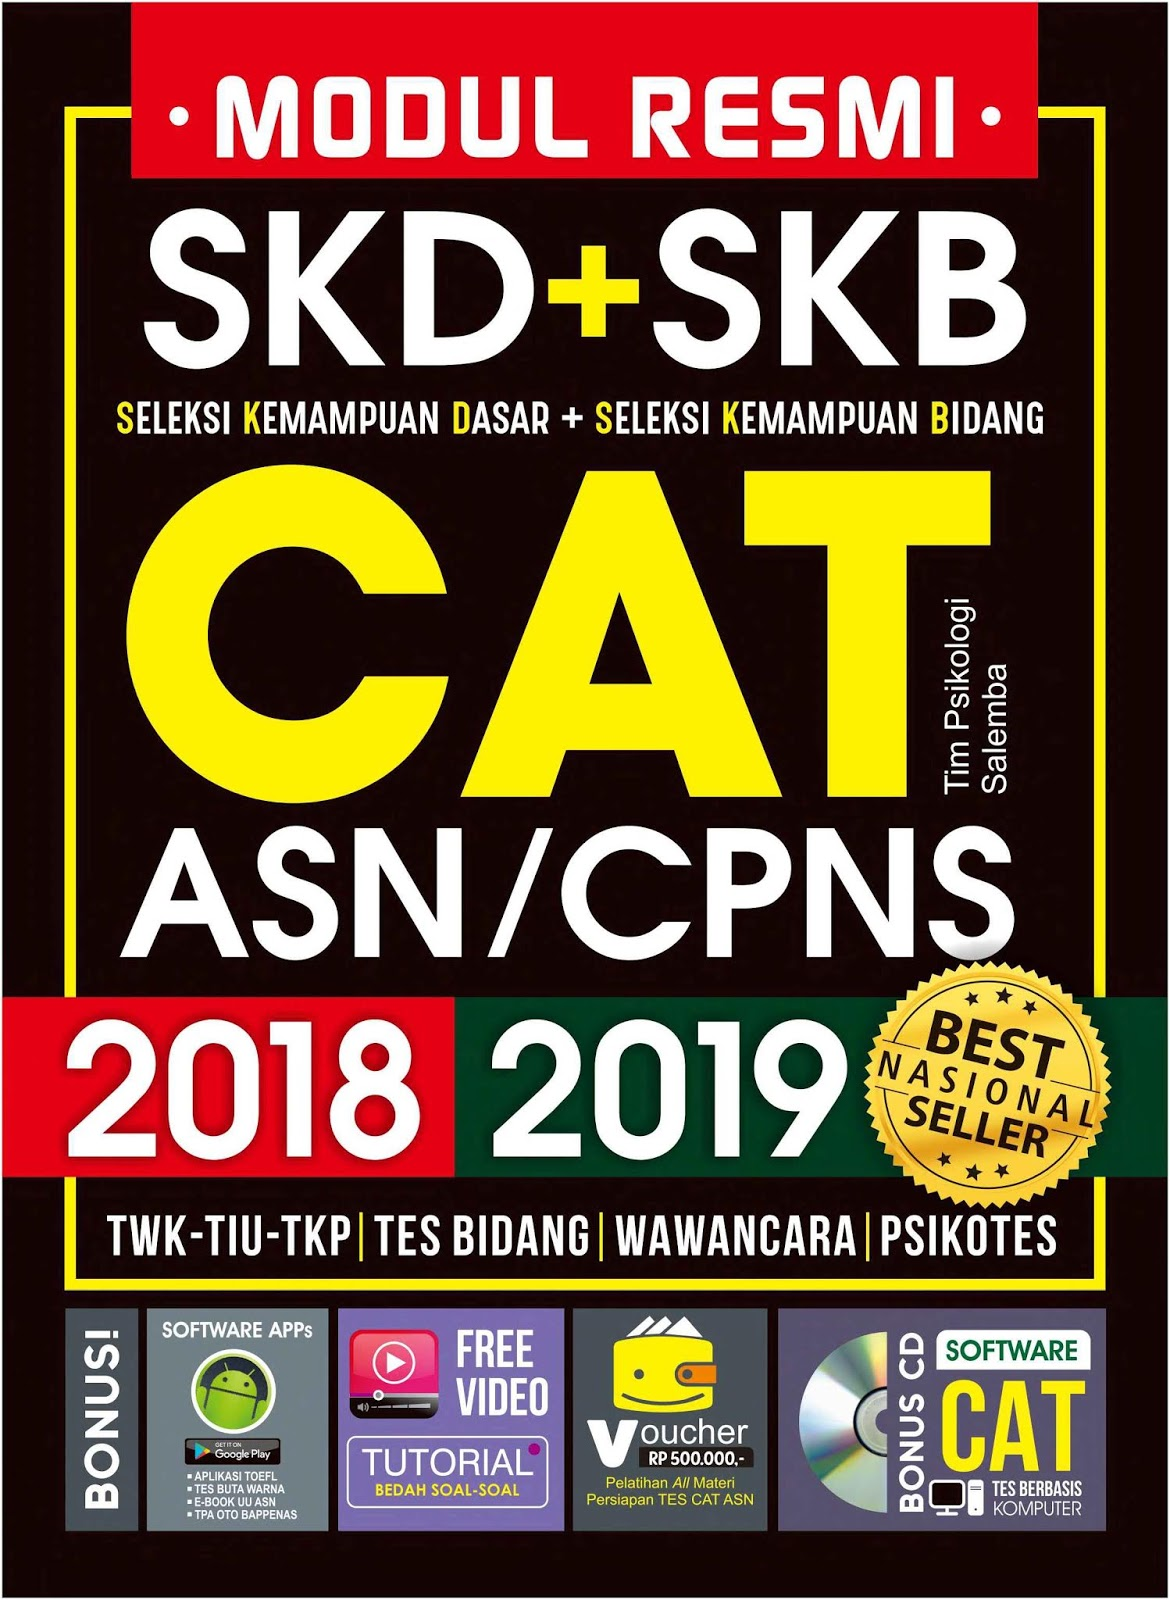 Download Modul Resmi SKD dan SKB CAT CPNS 2018-2019